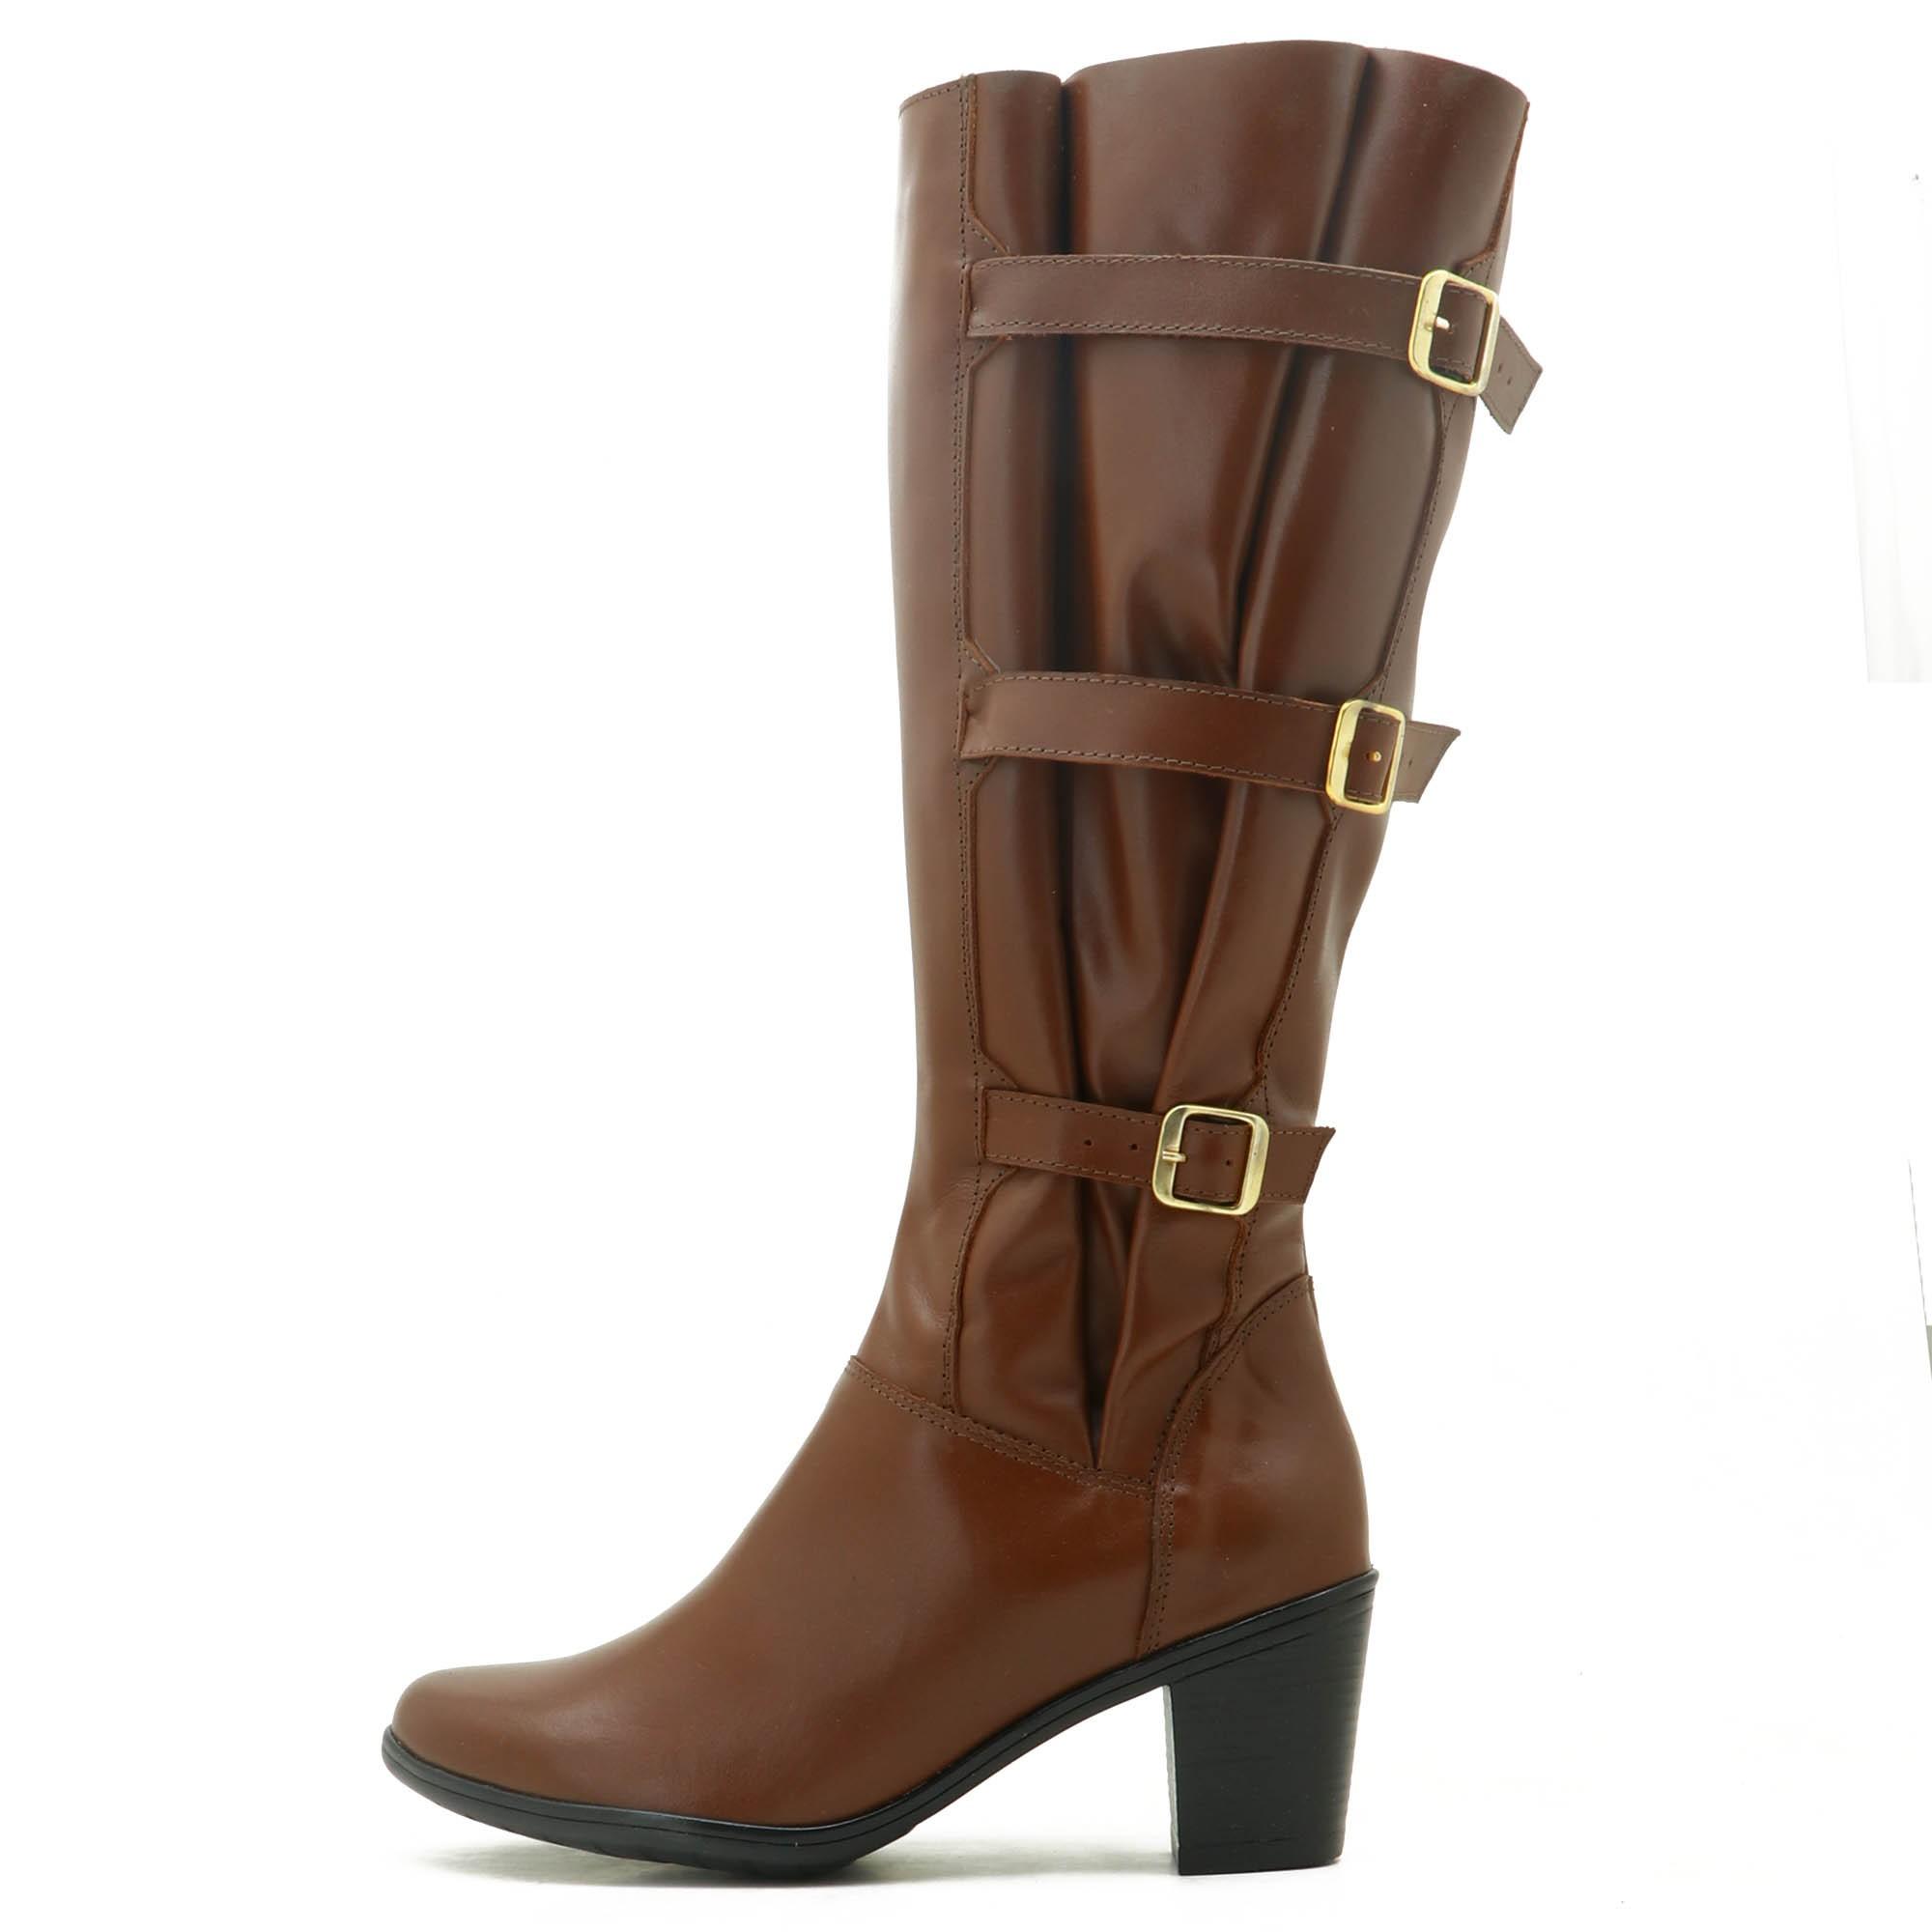 Bota feminina cano alto em couro ajustável na panturrilha 9062 na cor brandy